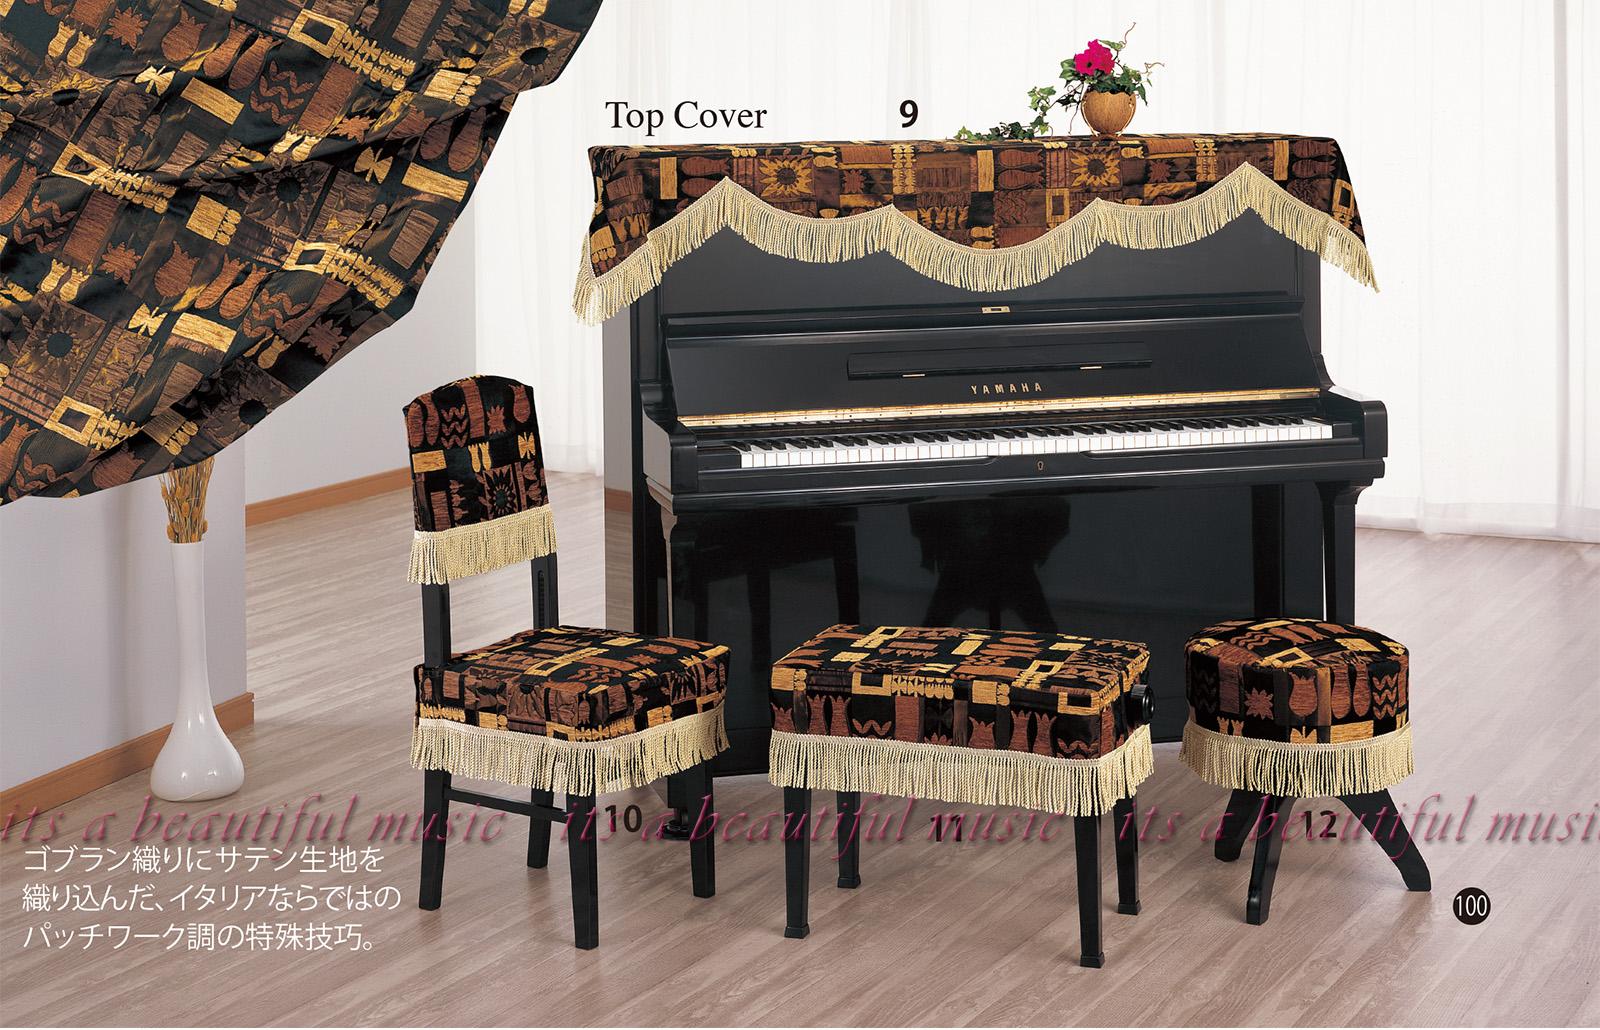 【its】アップライトピアノカバー(トップカバー)アルプスTG-100「イタリア製素材を使った多模様柄」【フリーサイズ】(アルプスG100シリーズ)